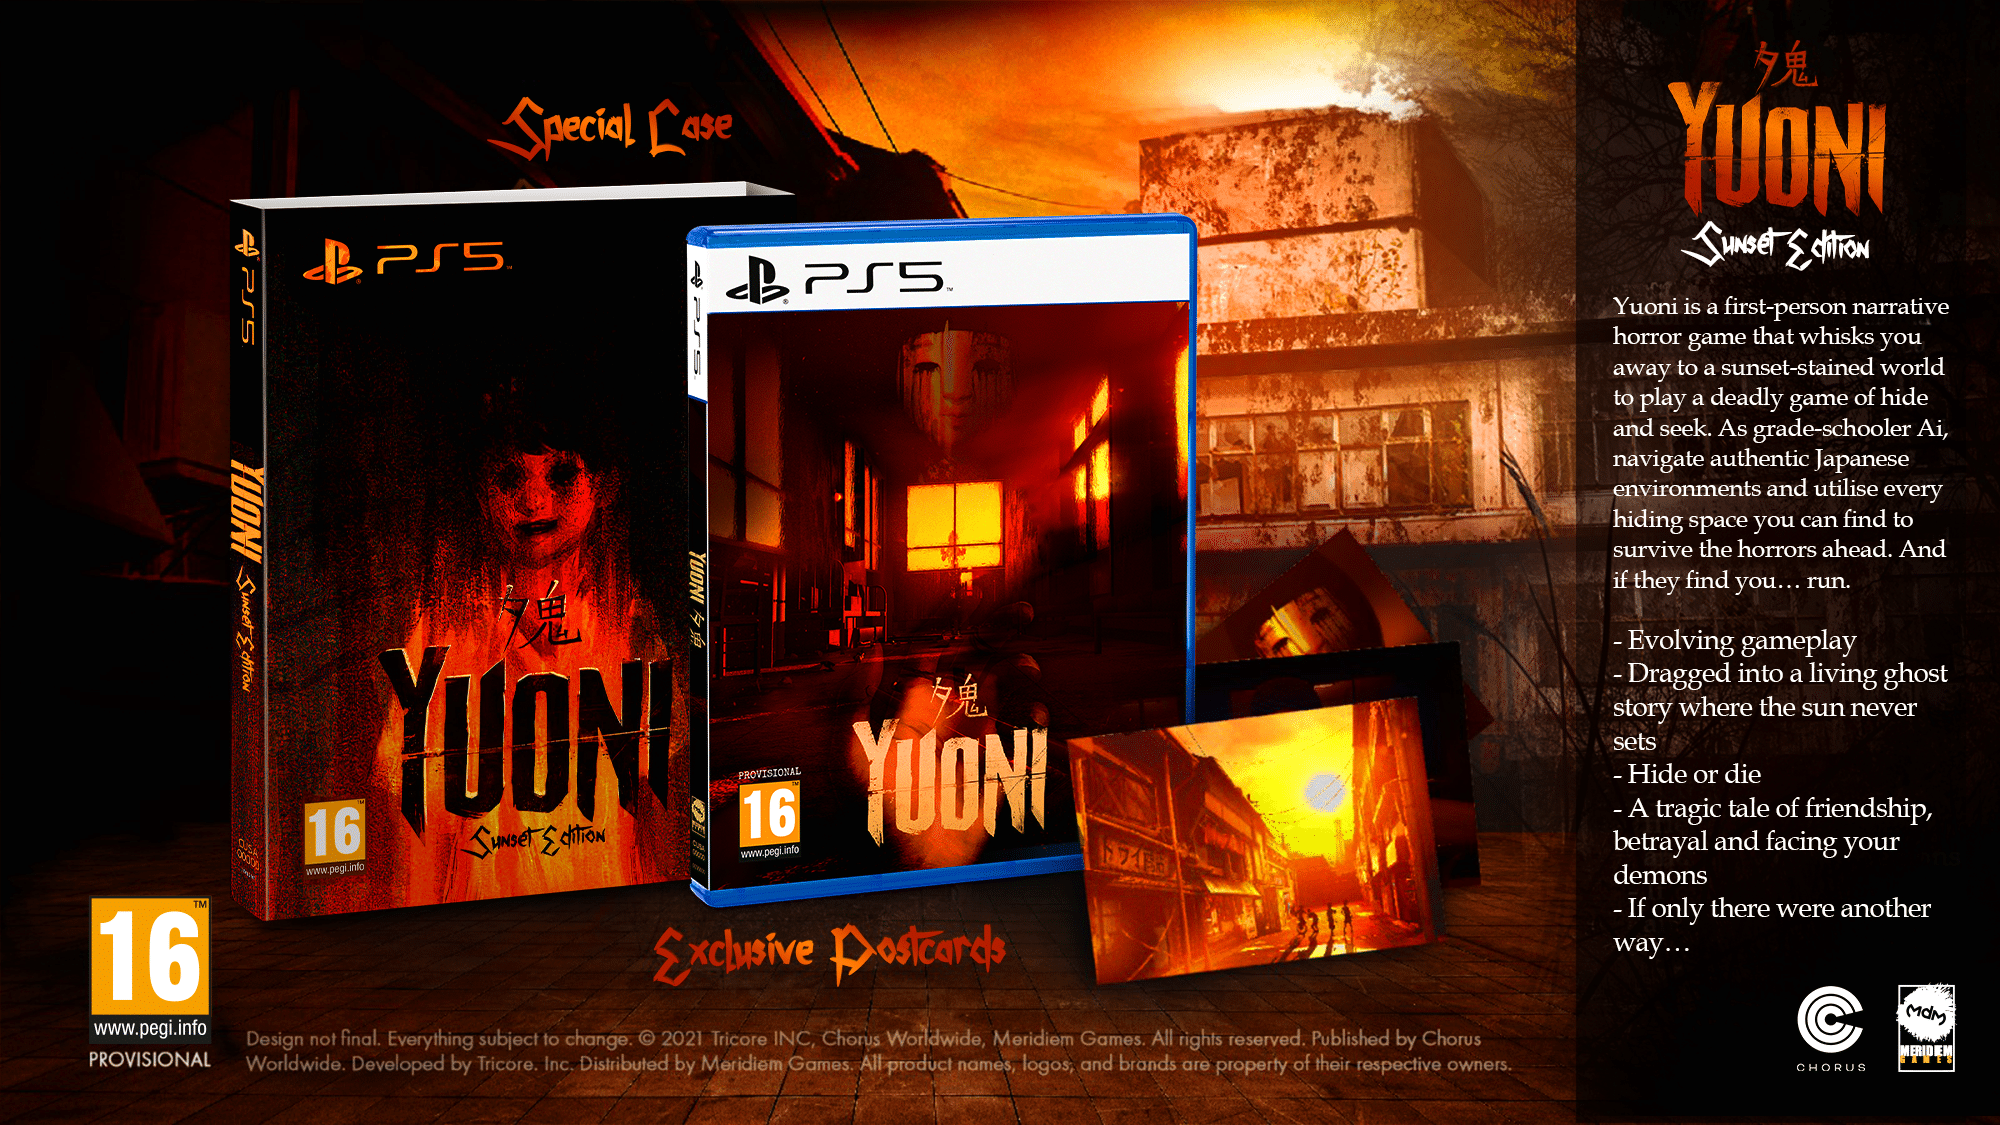 Annunciata l'edizione speciale di Yuoni per PlayStation 5: ecco il trailer thumbnail